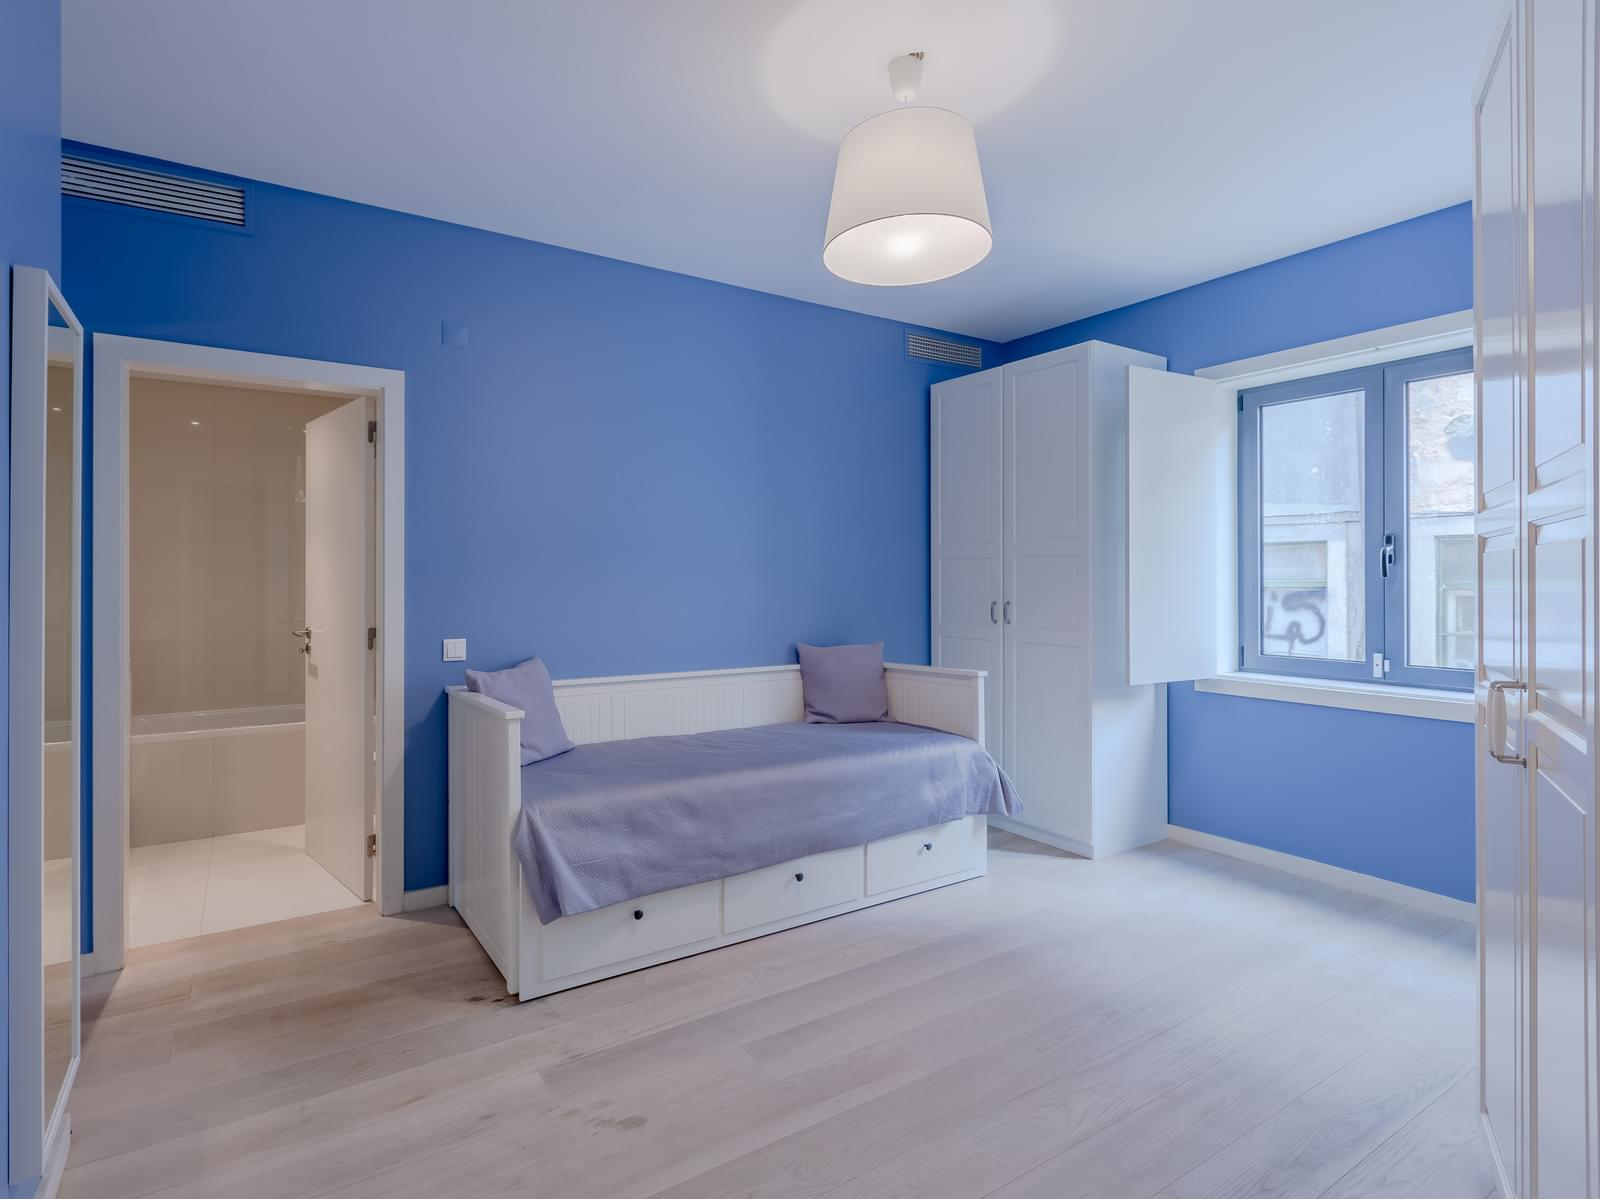 pf18160-apartamento-t2-lisboa-65d6f39a-7e77-4651-80fc-33b2c1e0afa9